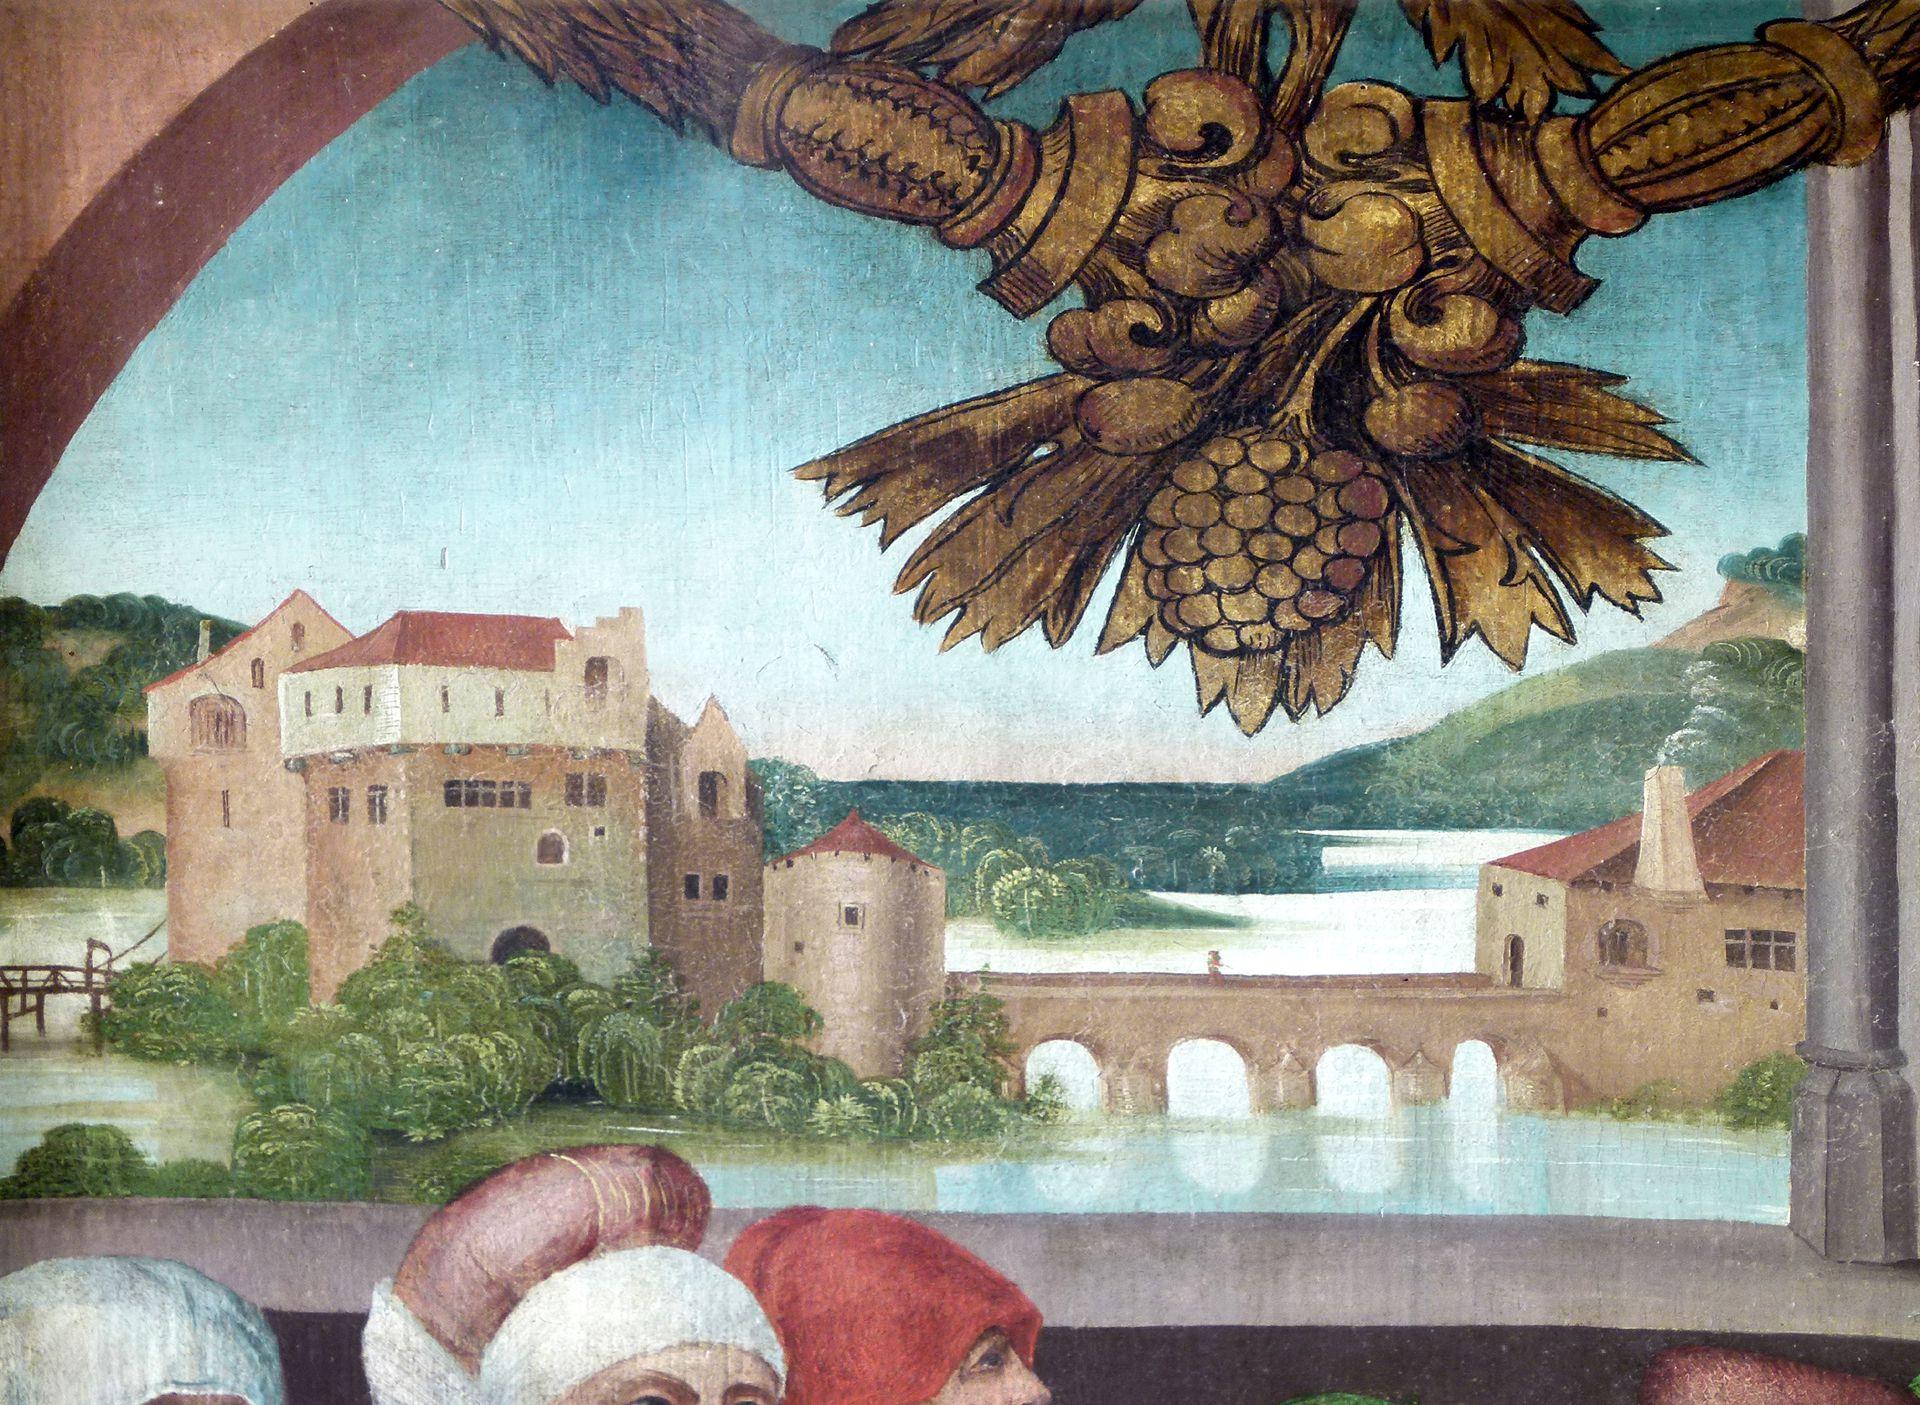 Beerbacher Altar ev. Pfarrkirche, gemalter rechter Seitenflügel, Darbringung im Tempel, Burgdarstellung im Hintergrund